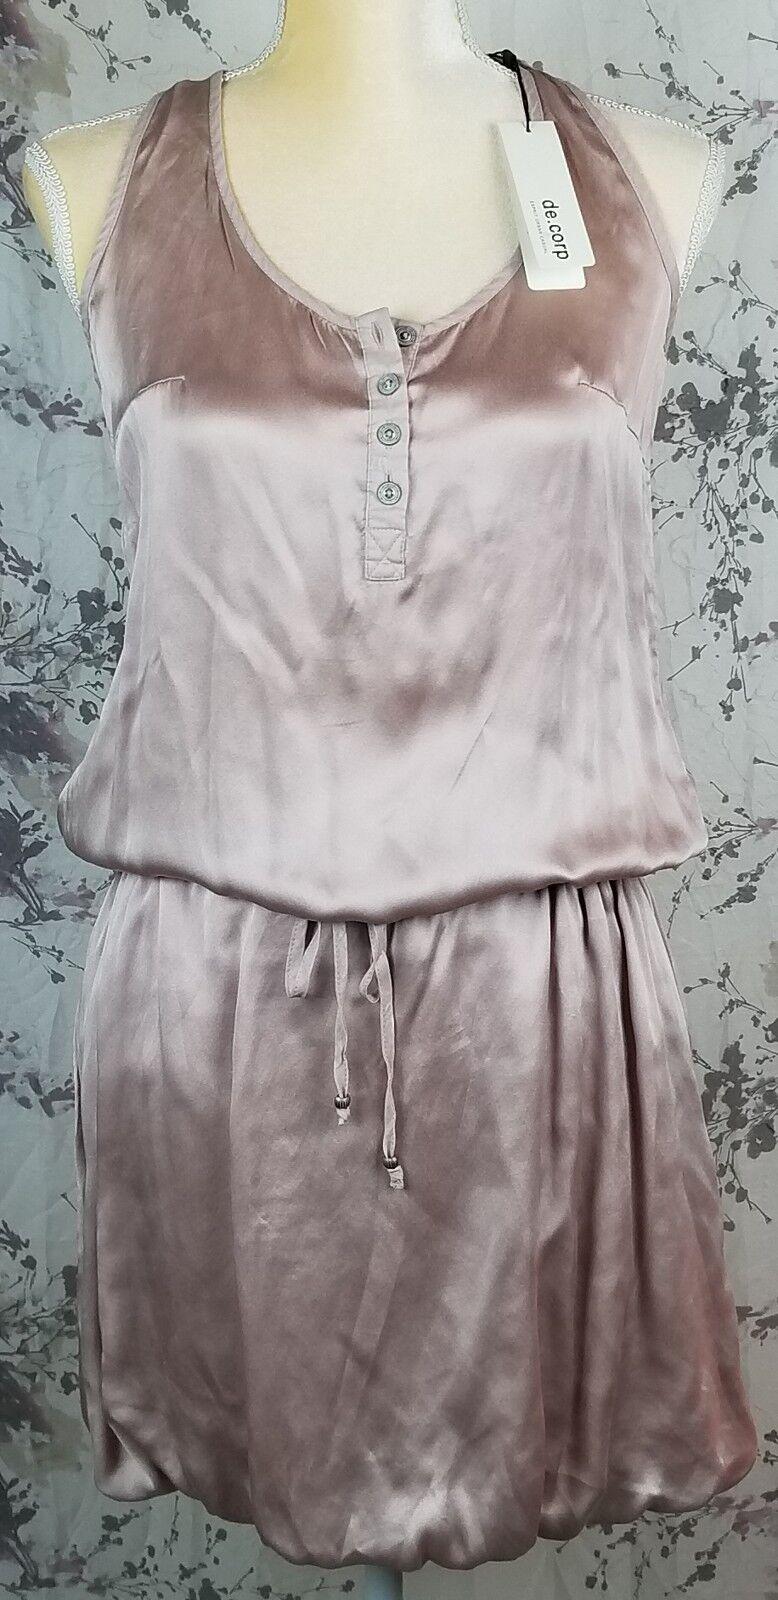 BNWT Esprit de Corp Womens Dress Size 4 Mauve Sleeveless 100% Silk SUPER CUTE